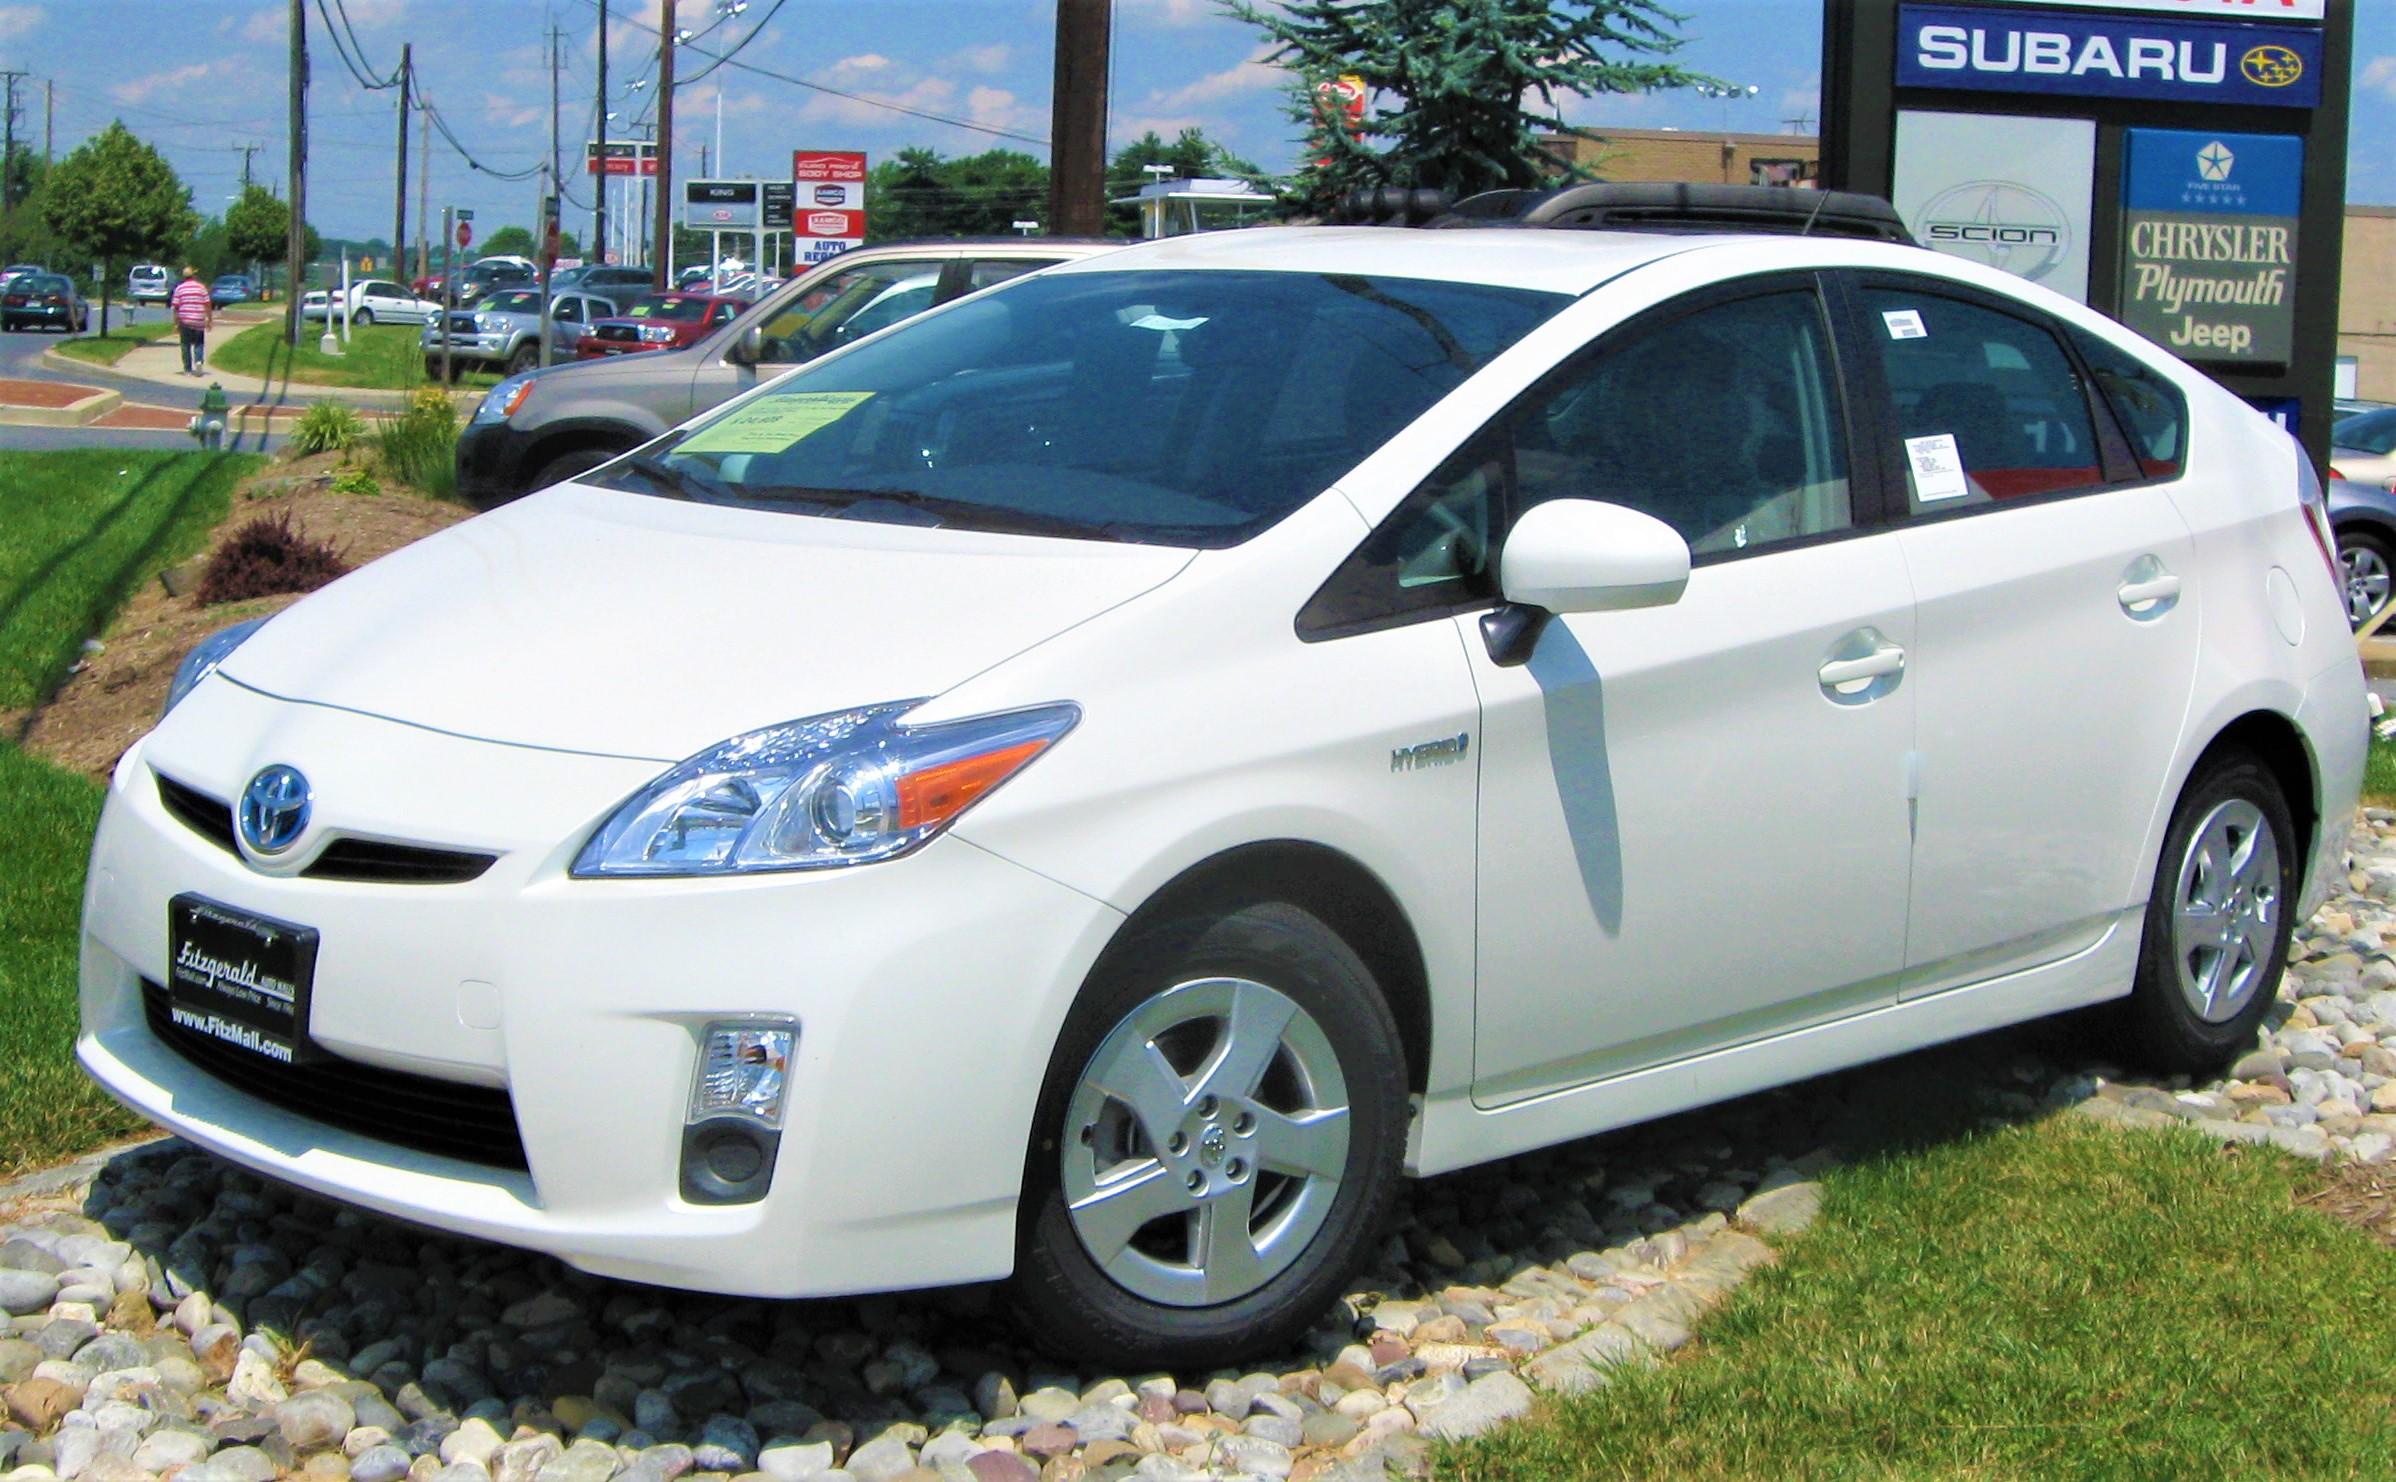 Toyota llama a revisión a 660 vehículos Turna y Sequoia, y 850 Prius en México